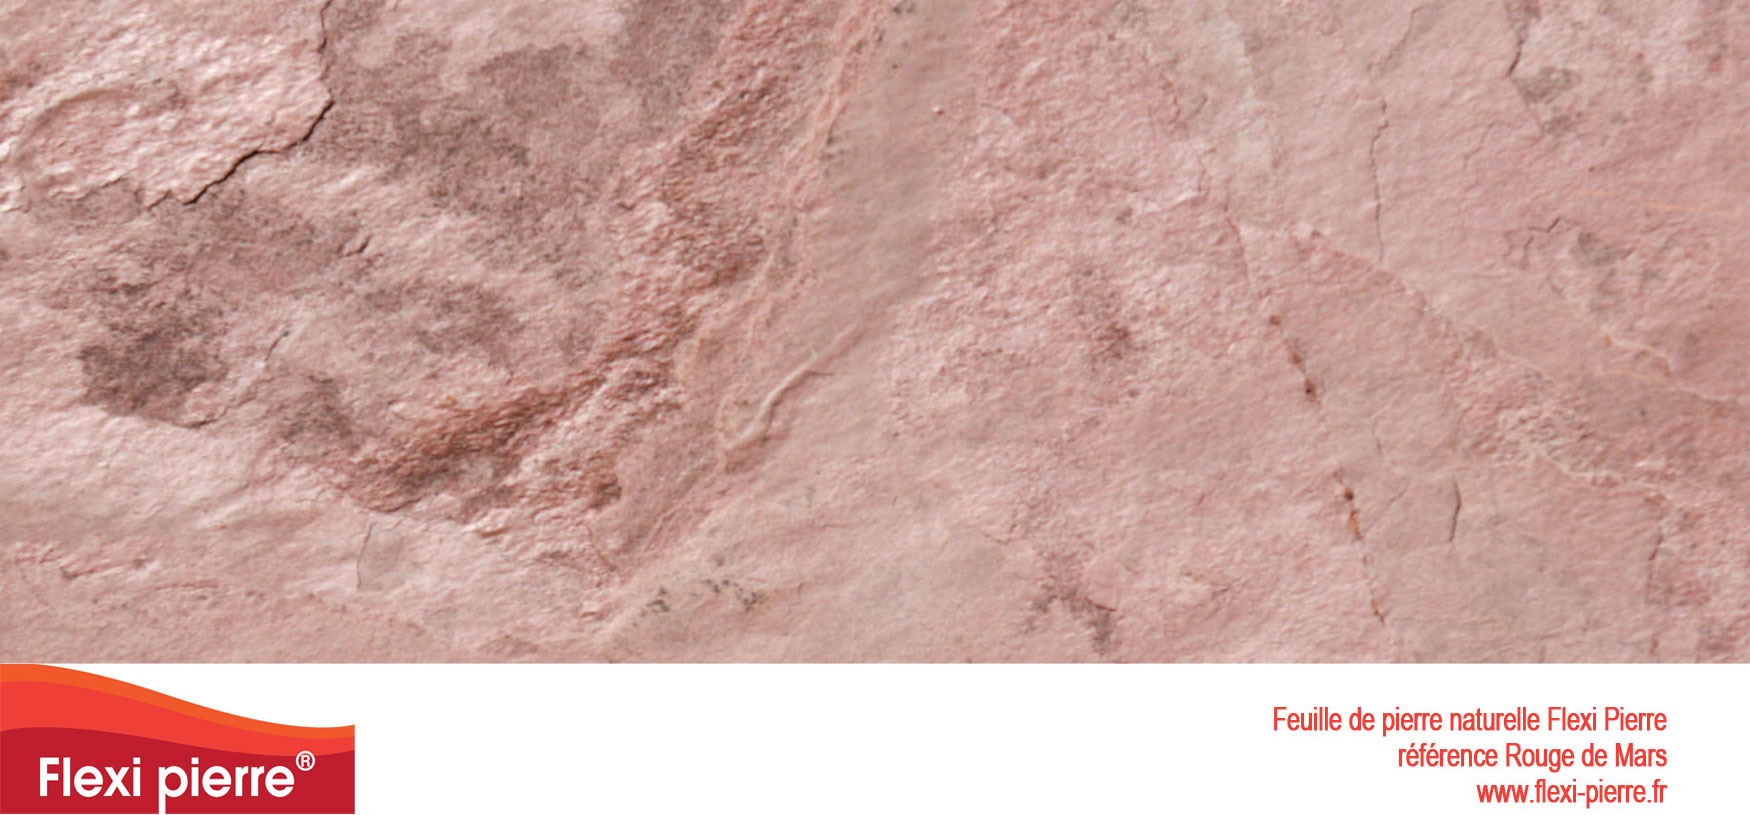 Feuille de pierre Flexi-Pierre, référence Rouge de Mars. Cliquez pour agrandir.